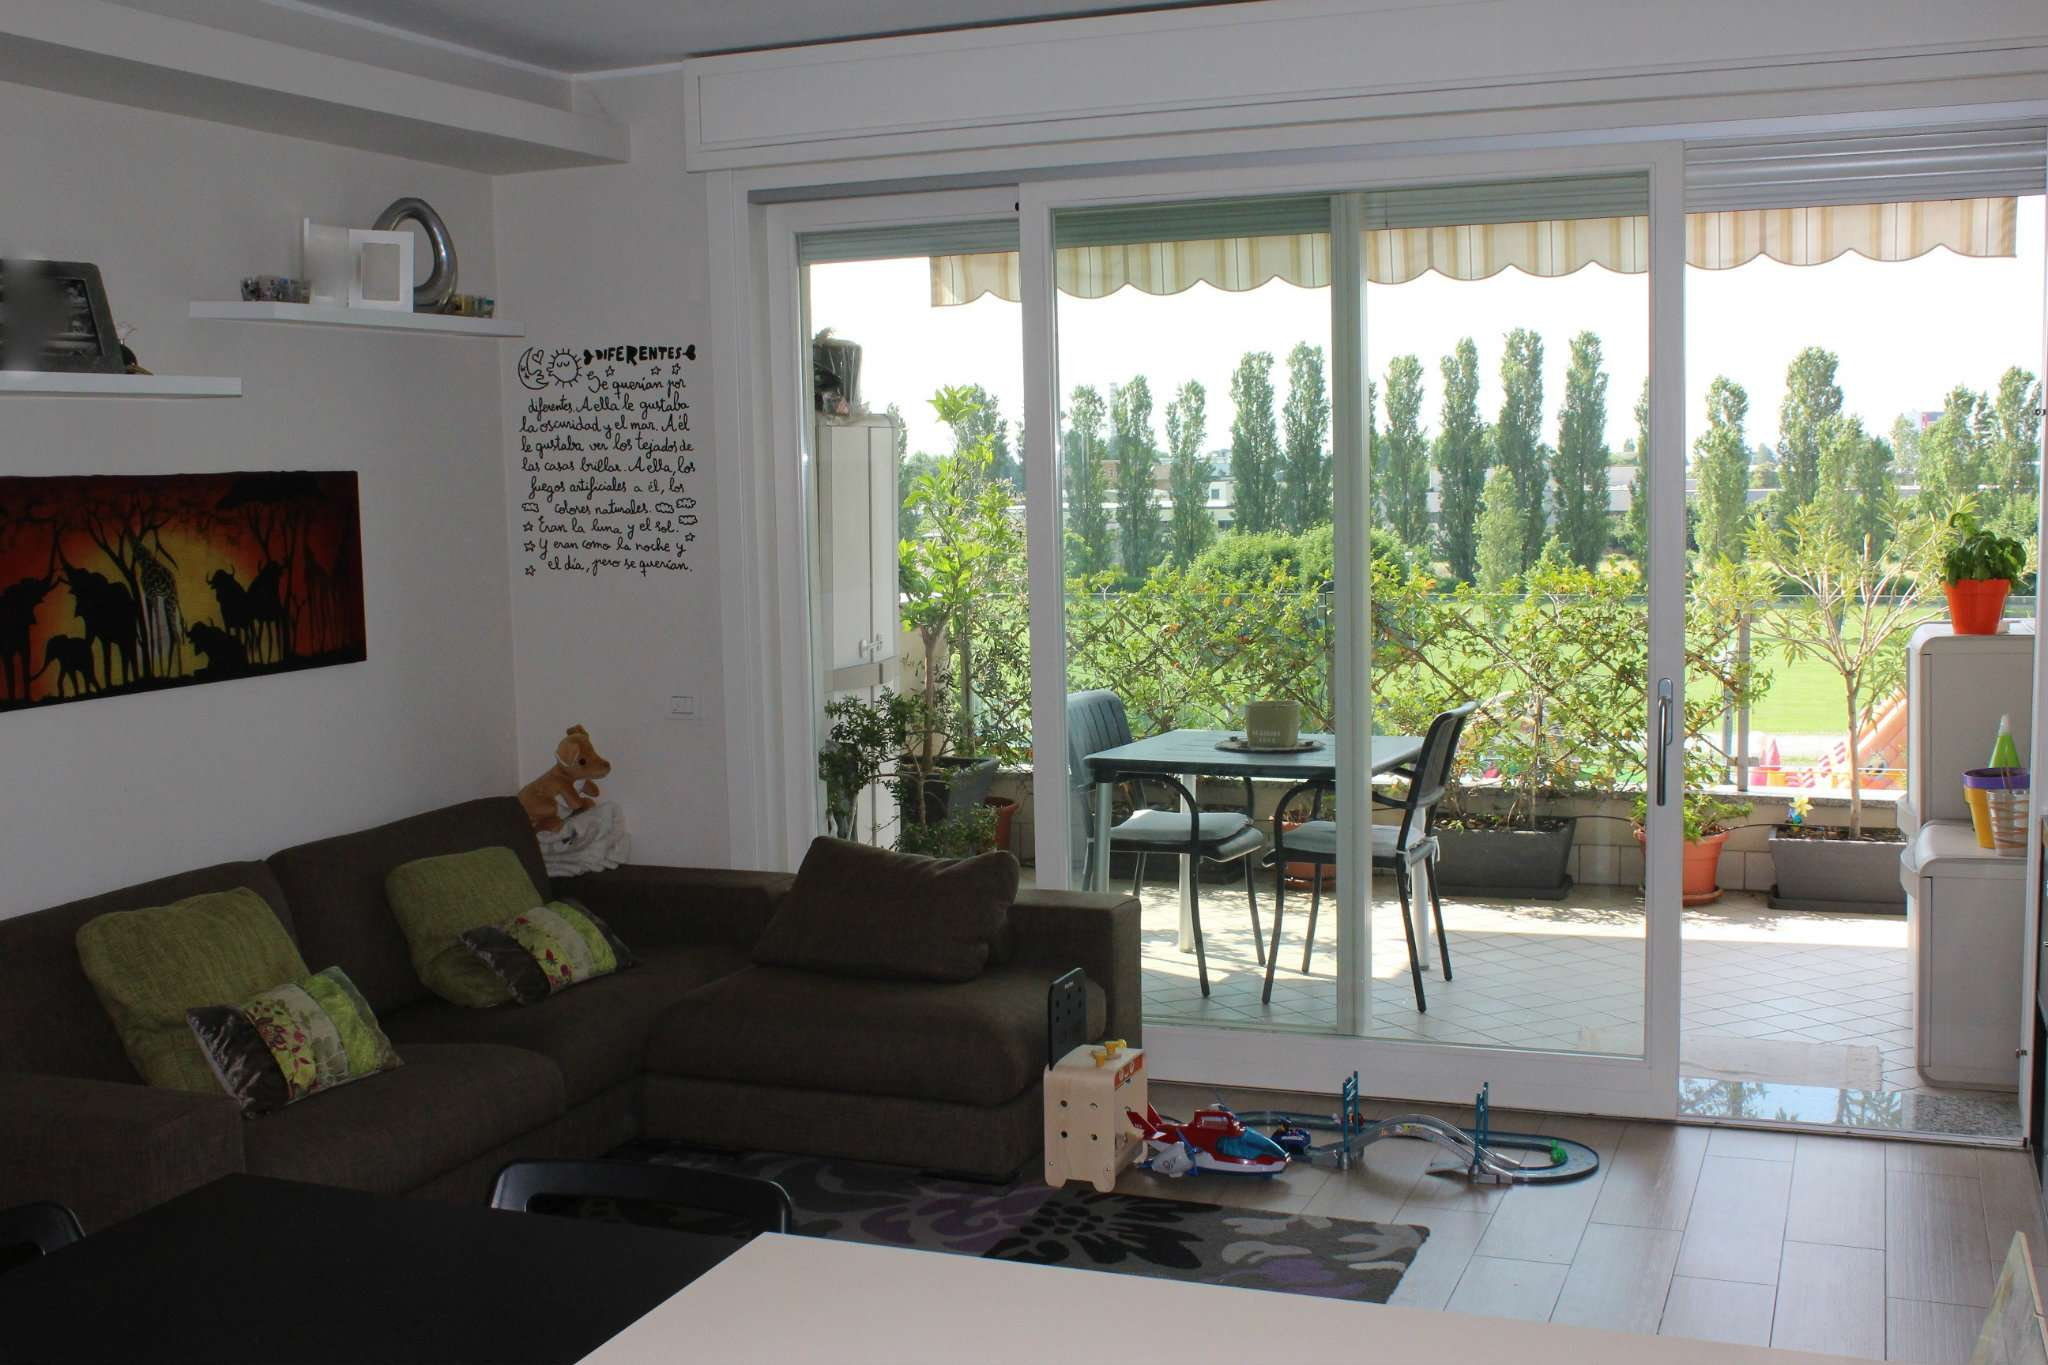 Appartamento in vendita a Cernusco sul Naviglio, 3 locali, prezzo € 300.000 | CambioCasa.it